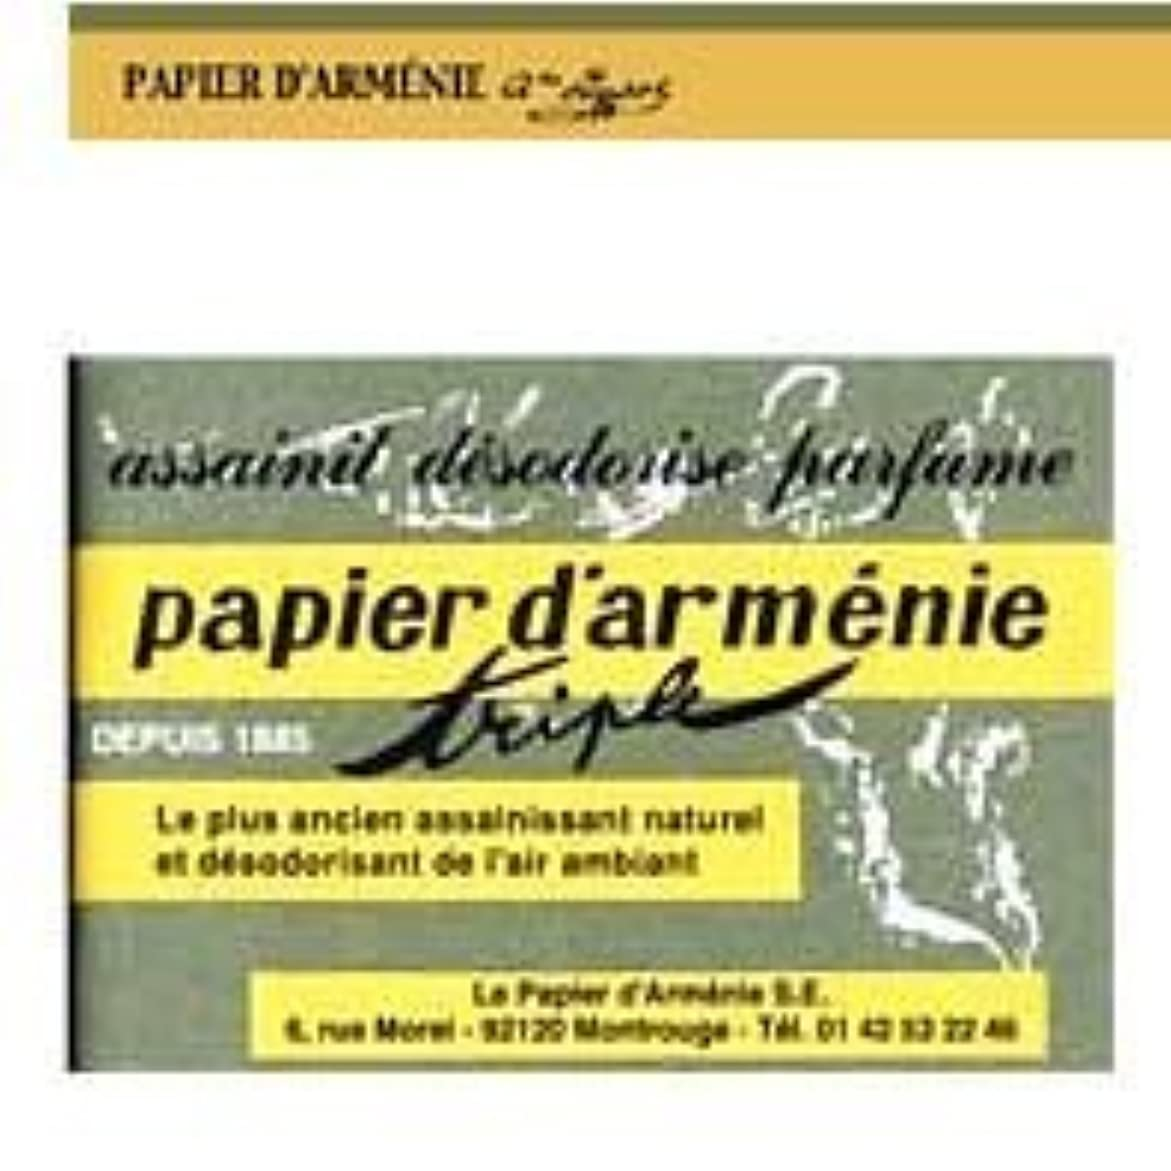 株式実際にコンソールパピエダルメニイ 空気を浄化する紙のお香パピエダルメニイ トリプル ヨーロッパ雑貨